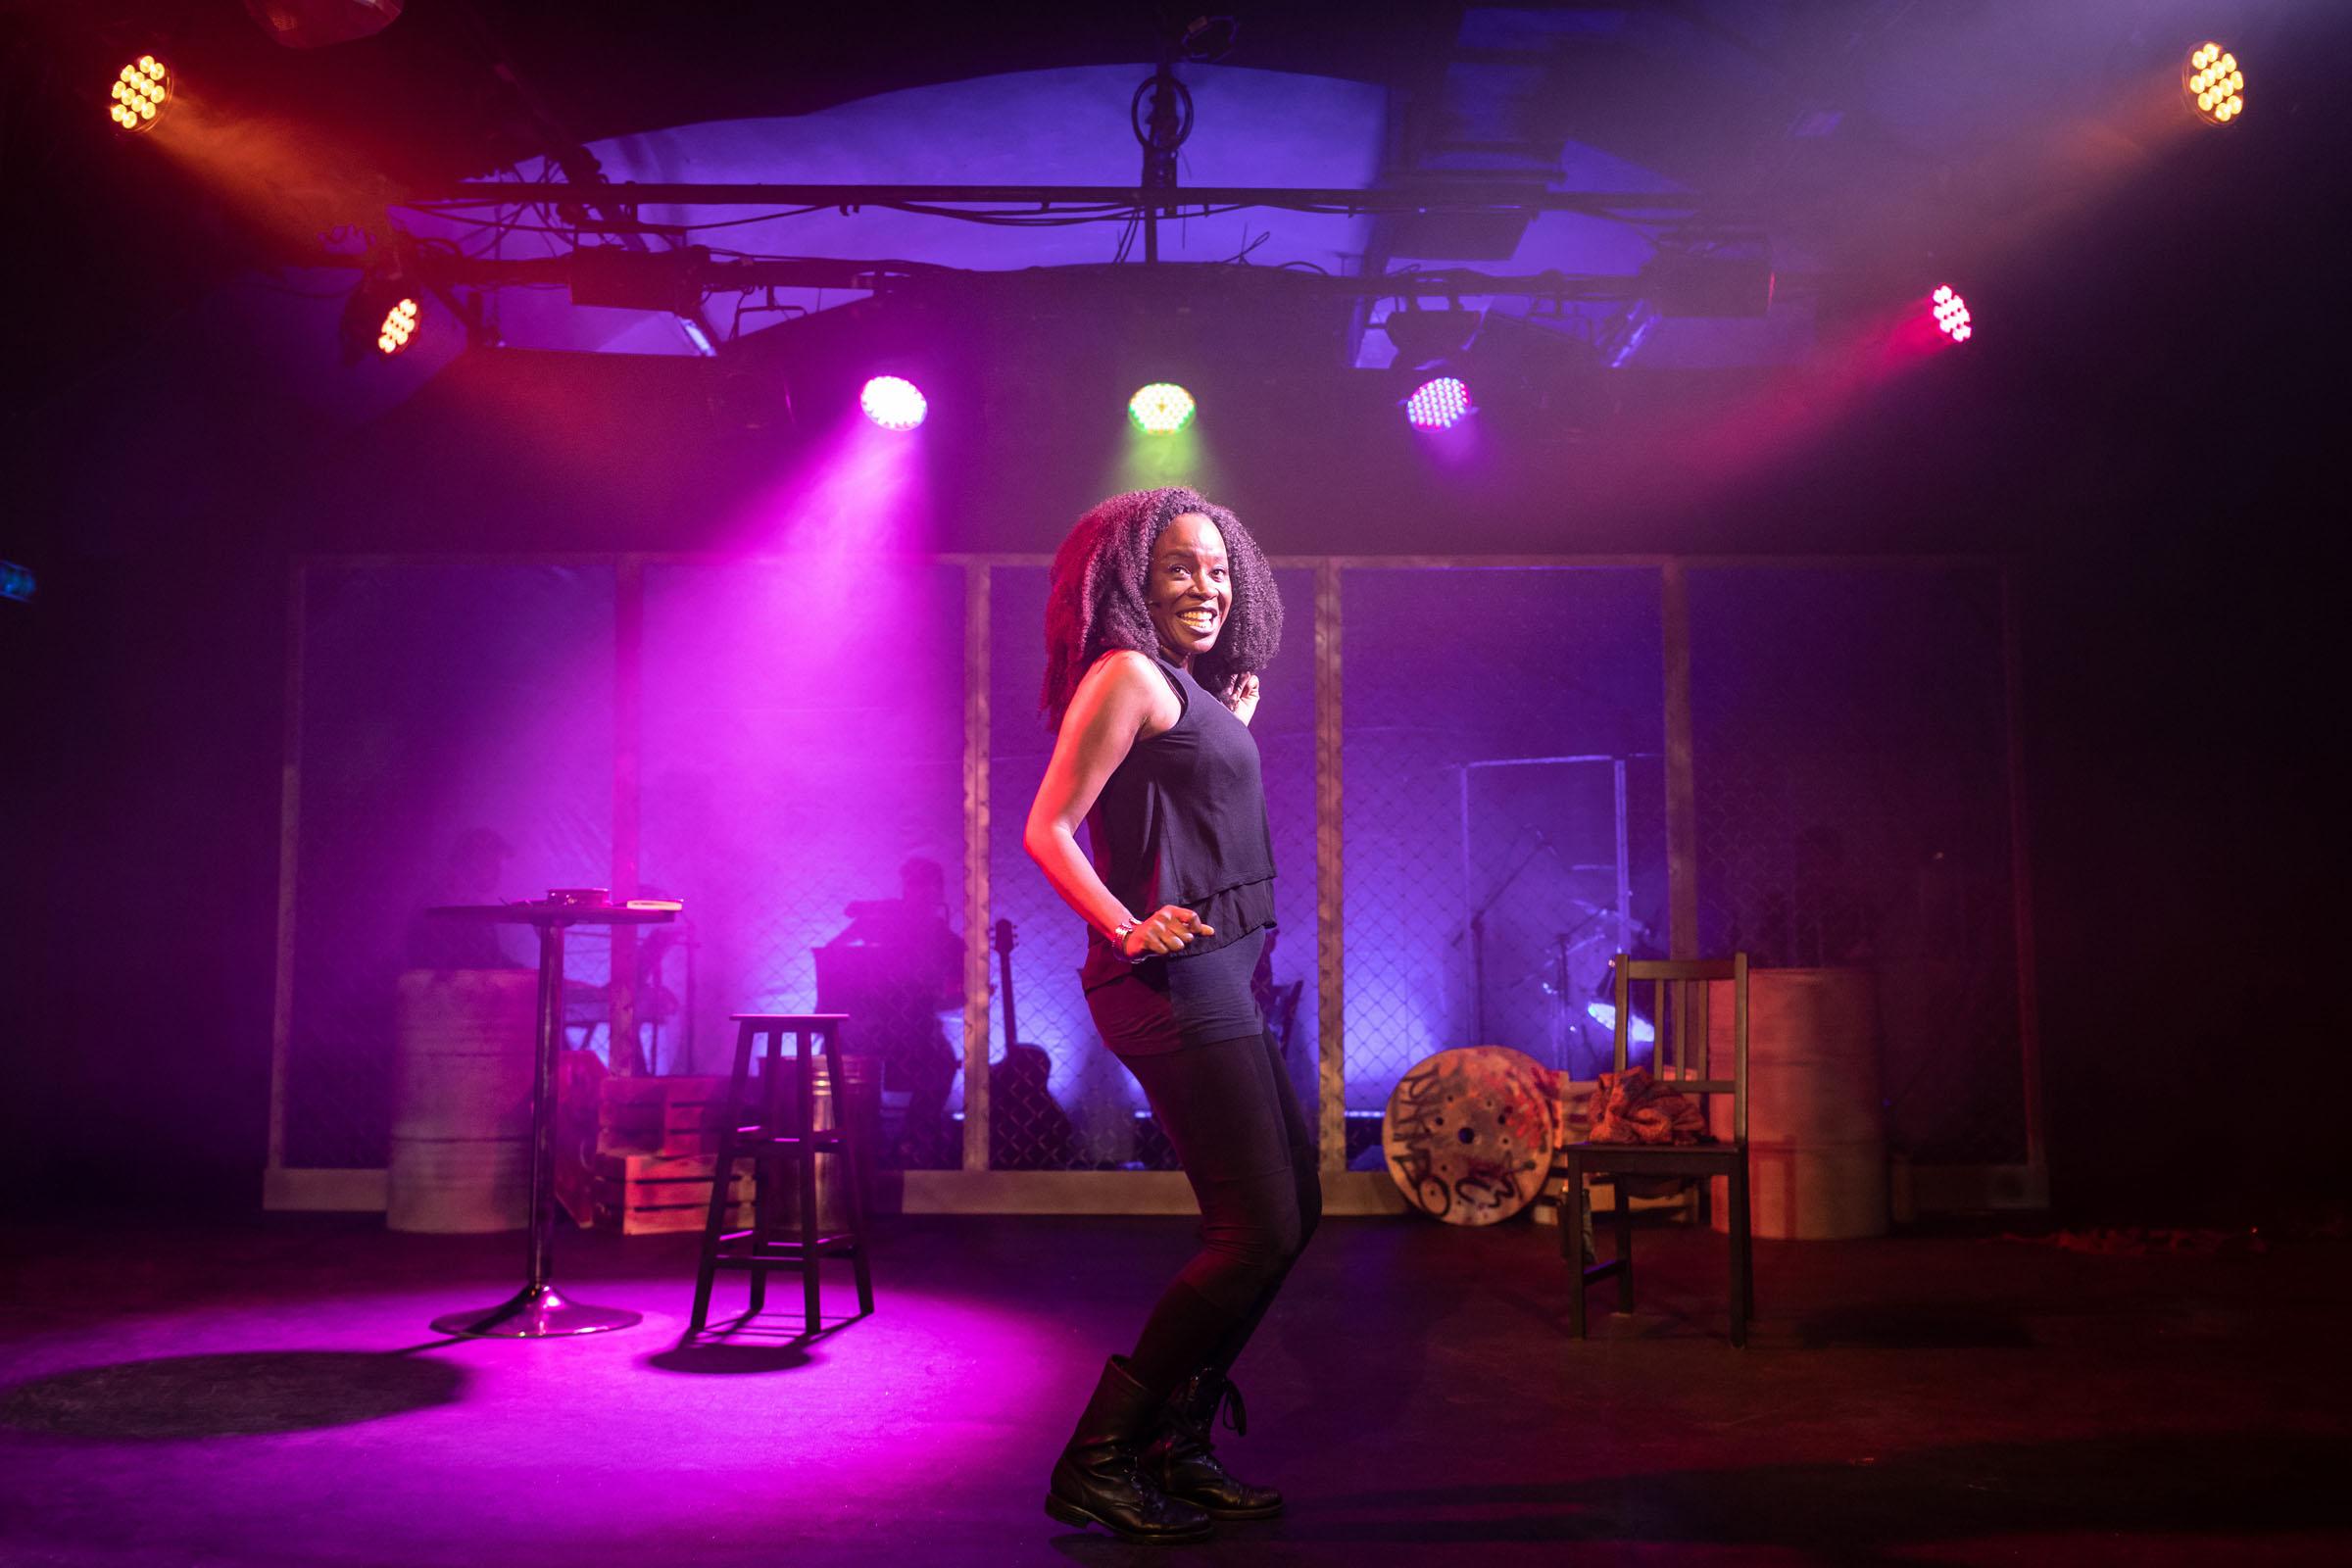 Jeannette Bayardelle as Shida